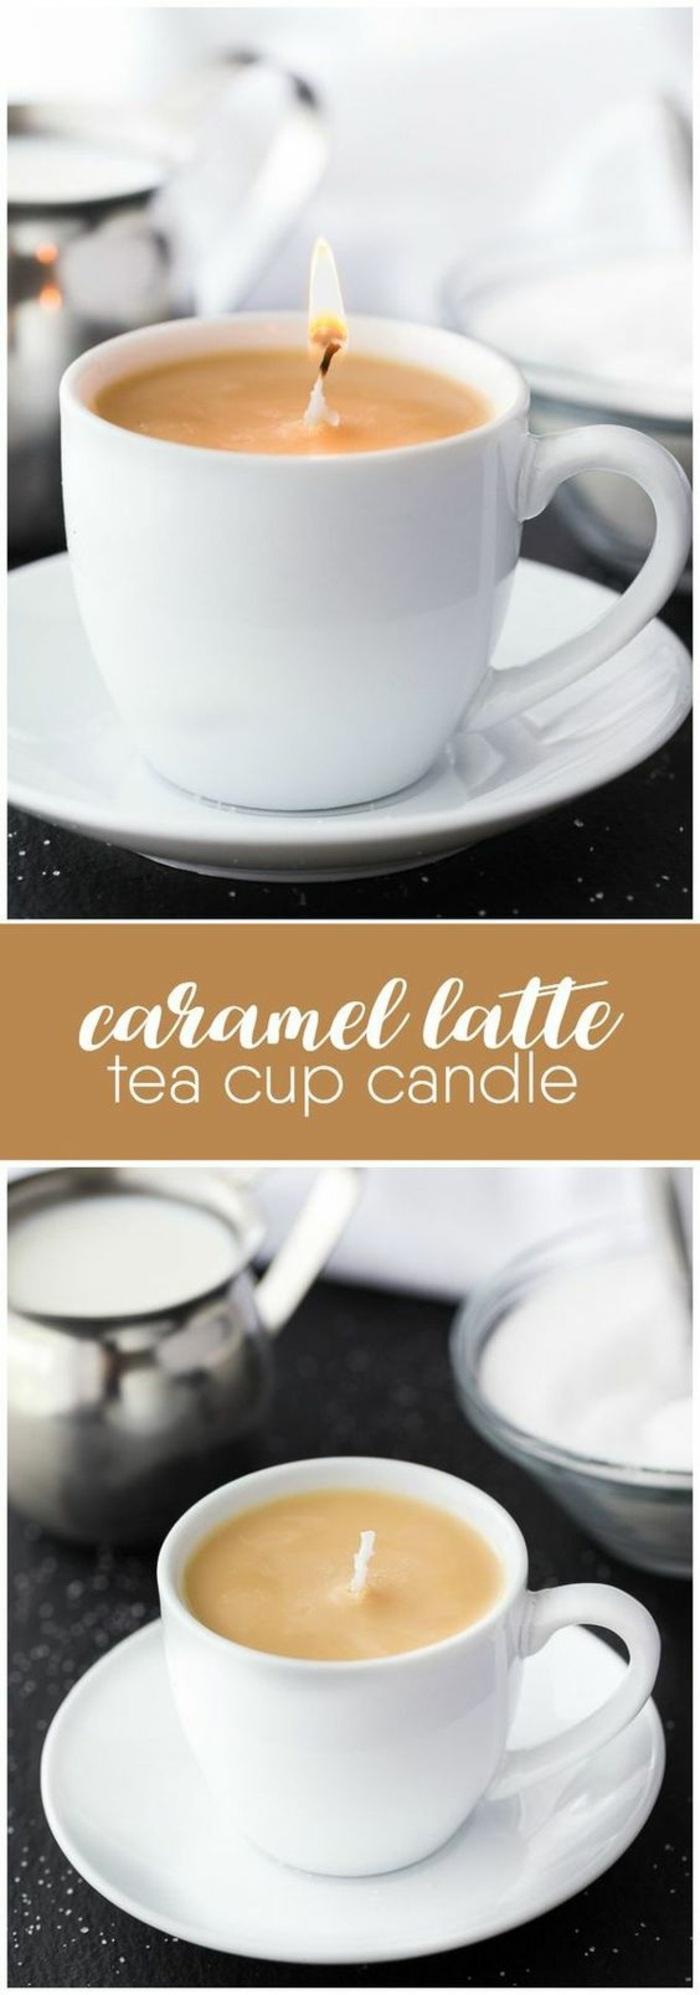 Candele profumate fai da te, utilizzare le tazzine del caffè per portacandele